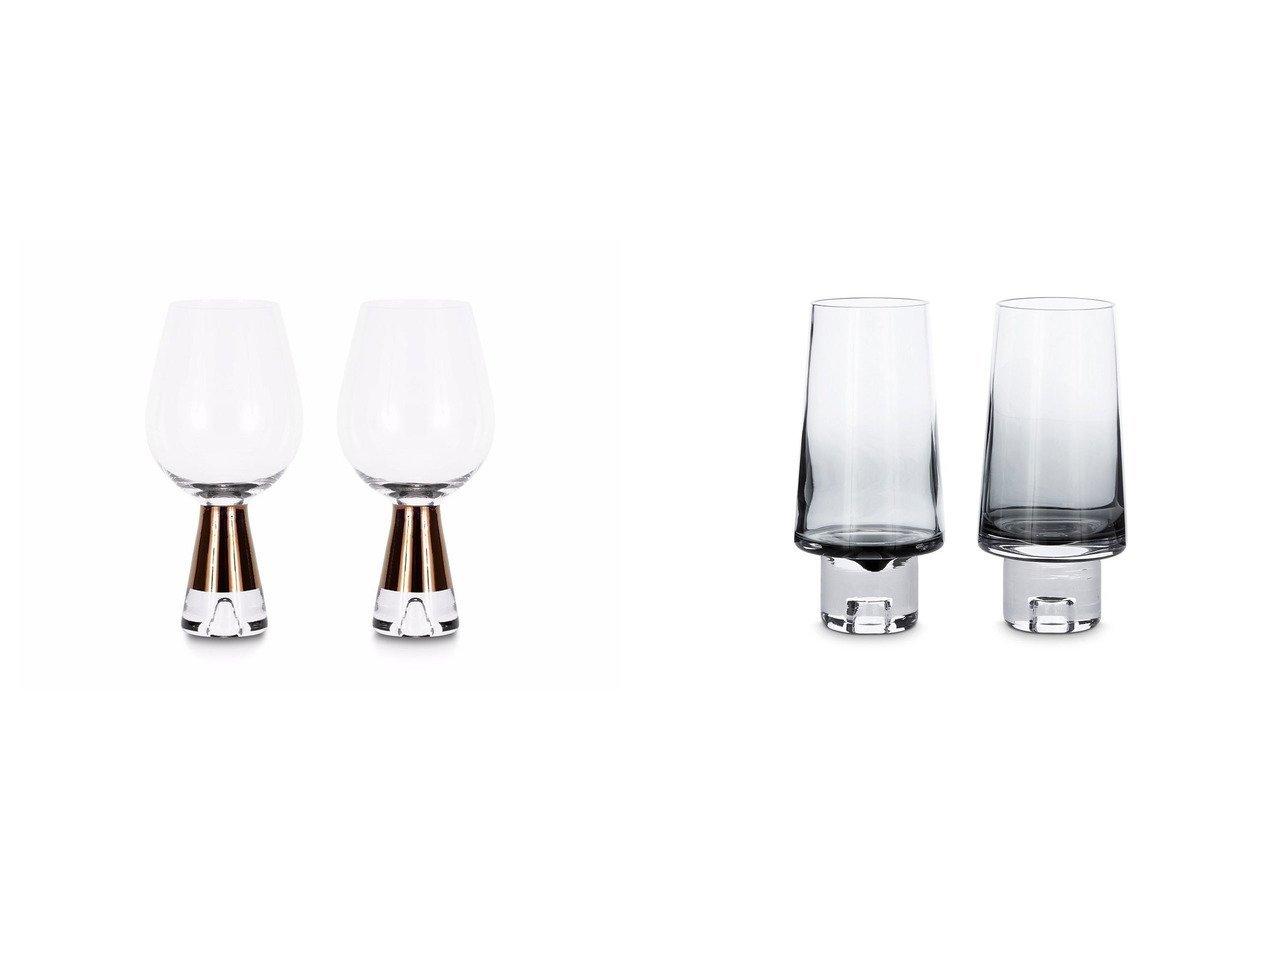 【Tom Dixon/トム ディクソン】のTank Wine Glasses × タンク ワイングラス 2脚セット(コッパー)&タンク ハイボールグラス 2個セット(ブラック) 【FURNITURE】おすすめ!人気、インテリア・家具の通販 おすすめで人気の流行・トレンド、ファッションの通販商品 メンズファッション・キッズファッション・インテリア・家具・レディースファッション・服の通販 founy(ファニー) https://founy.com/ 送料無料 Free Shipping ガラス グラス コレクション タンク テーブル 手描き グラデーション スタイリッシュ タンブラー  ID:crp329100000036585